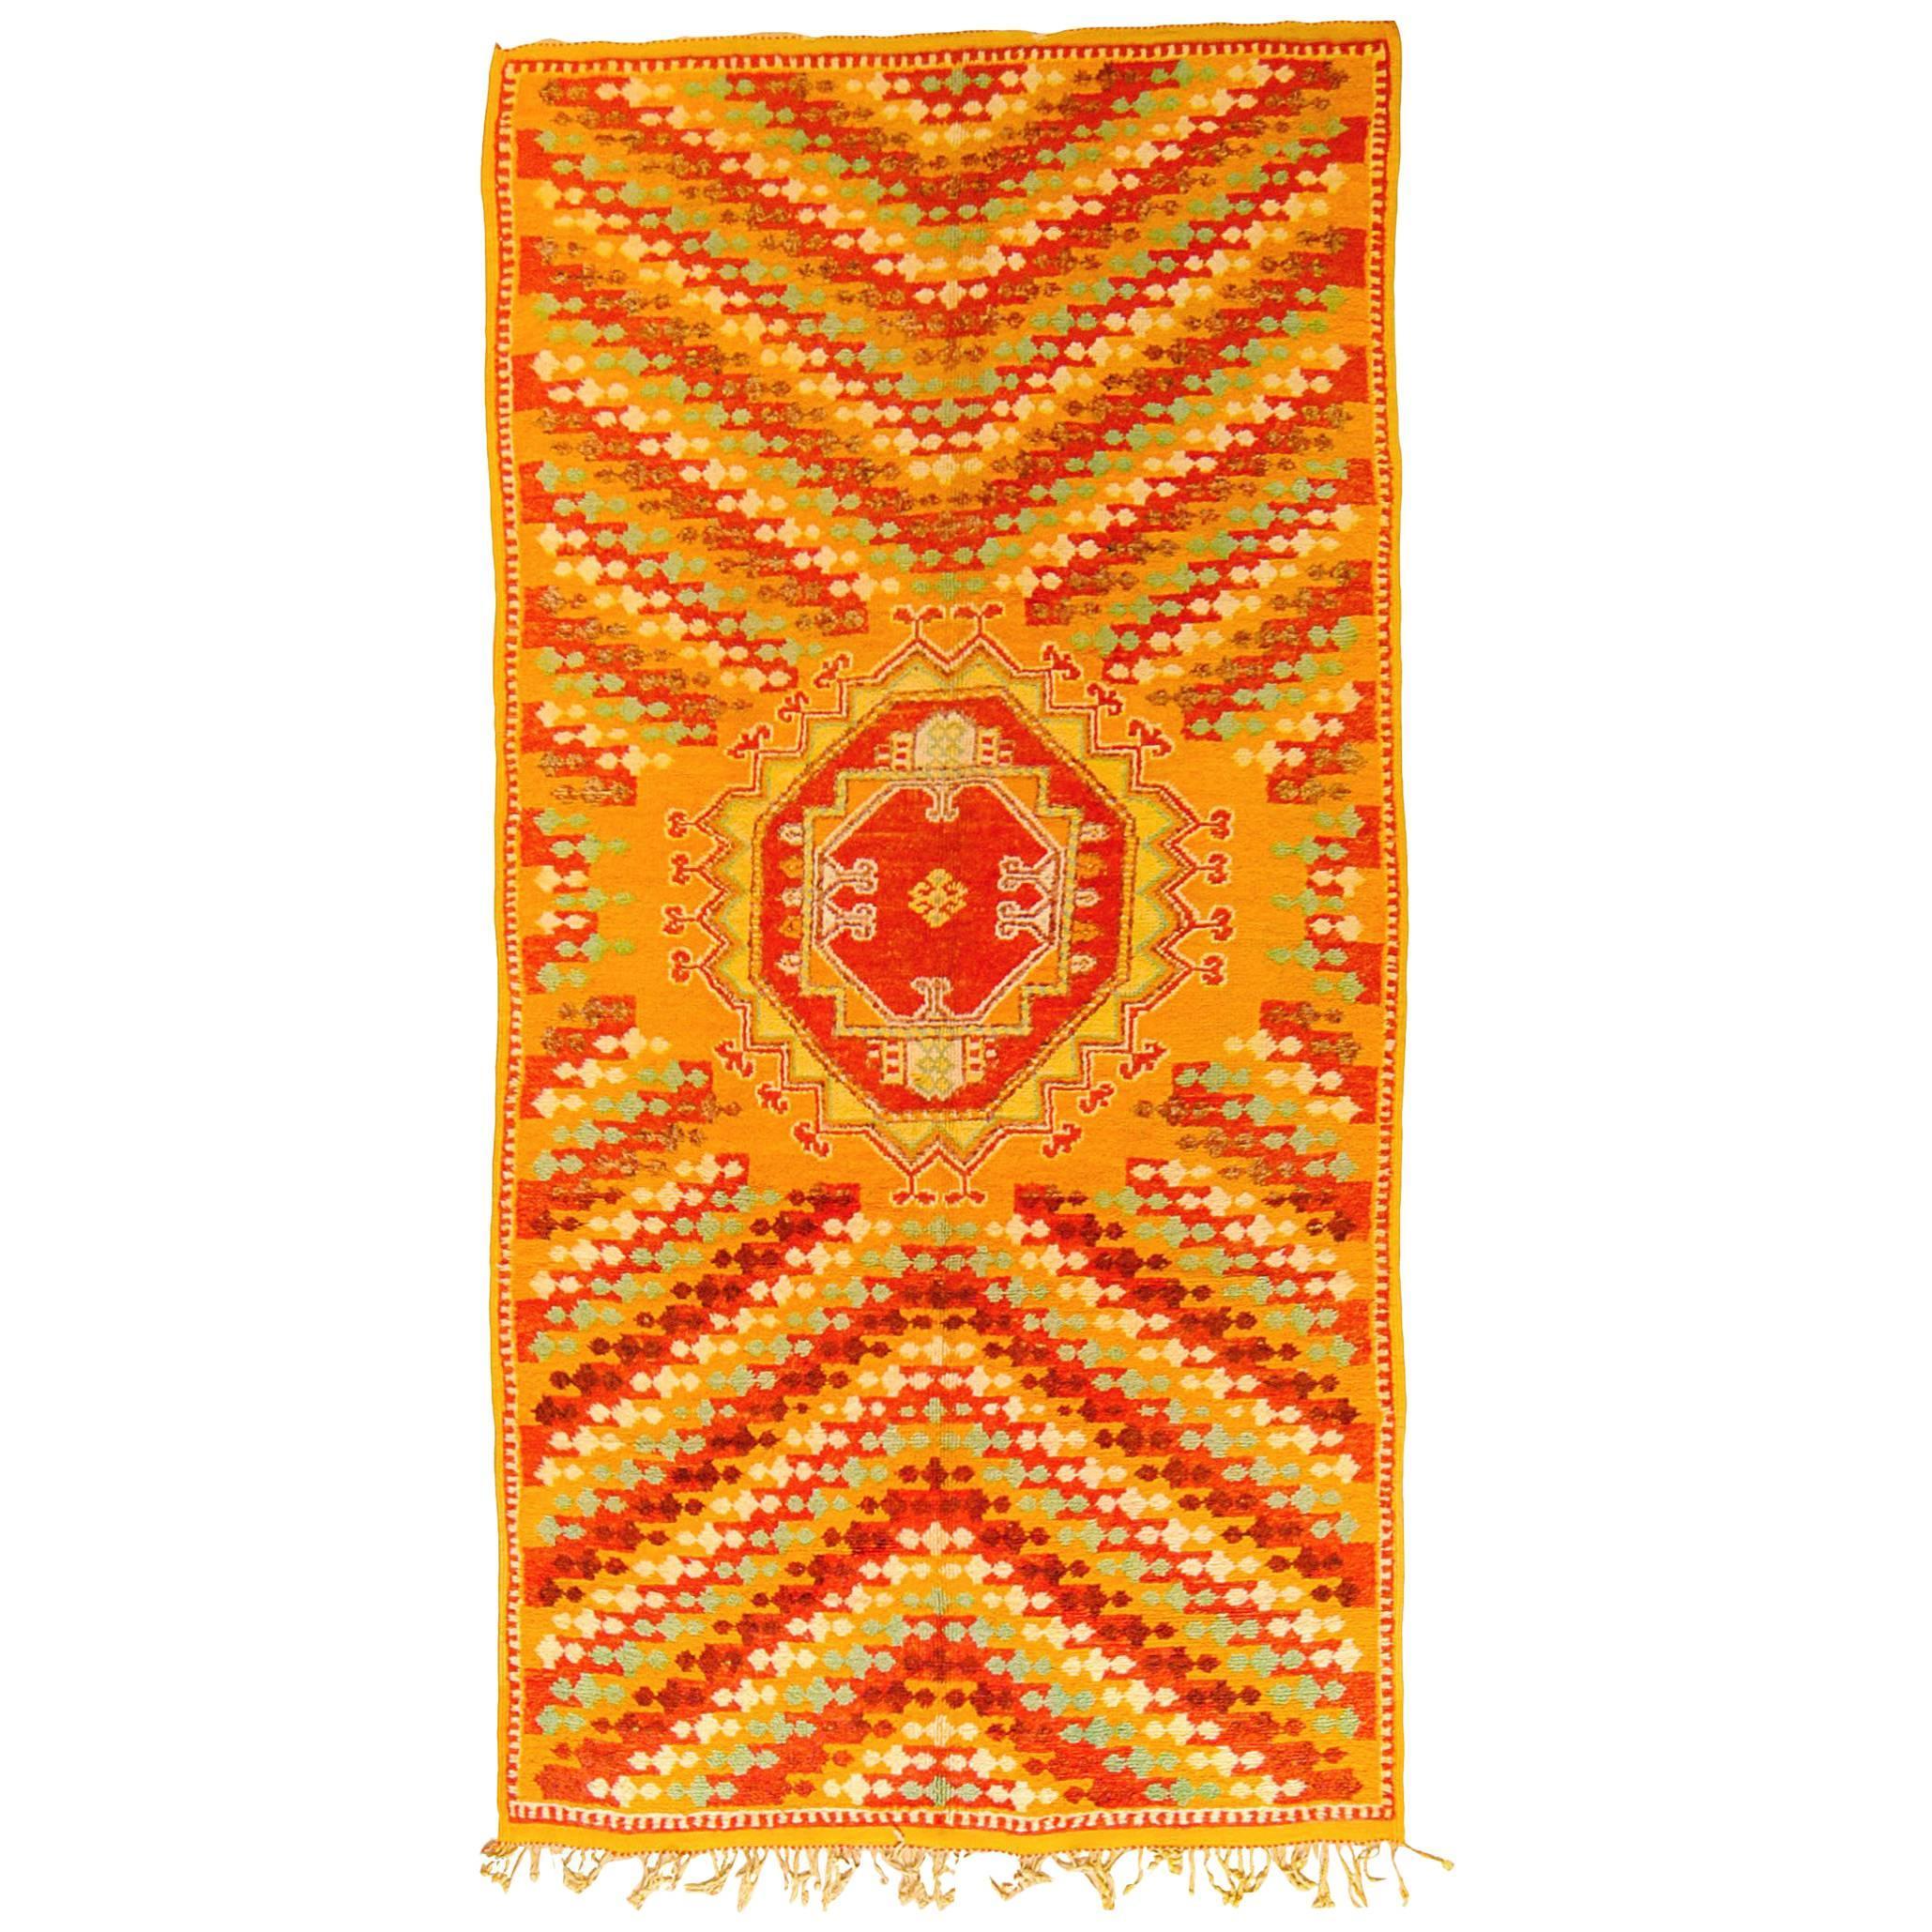 Vintage Moroccan Rug With Quatrefoil Design In Red, Cream, Orange